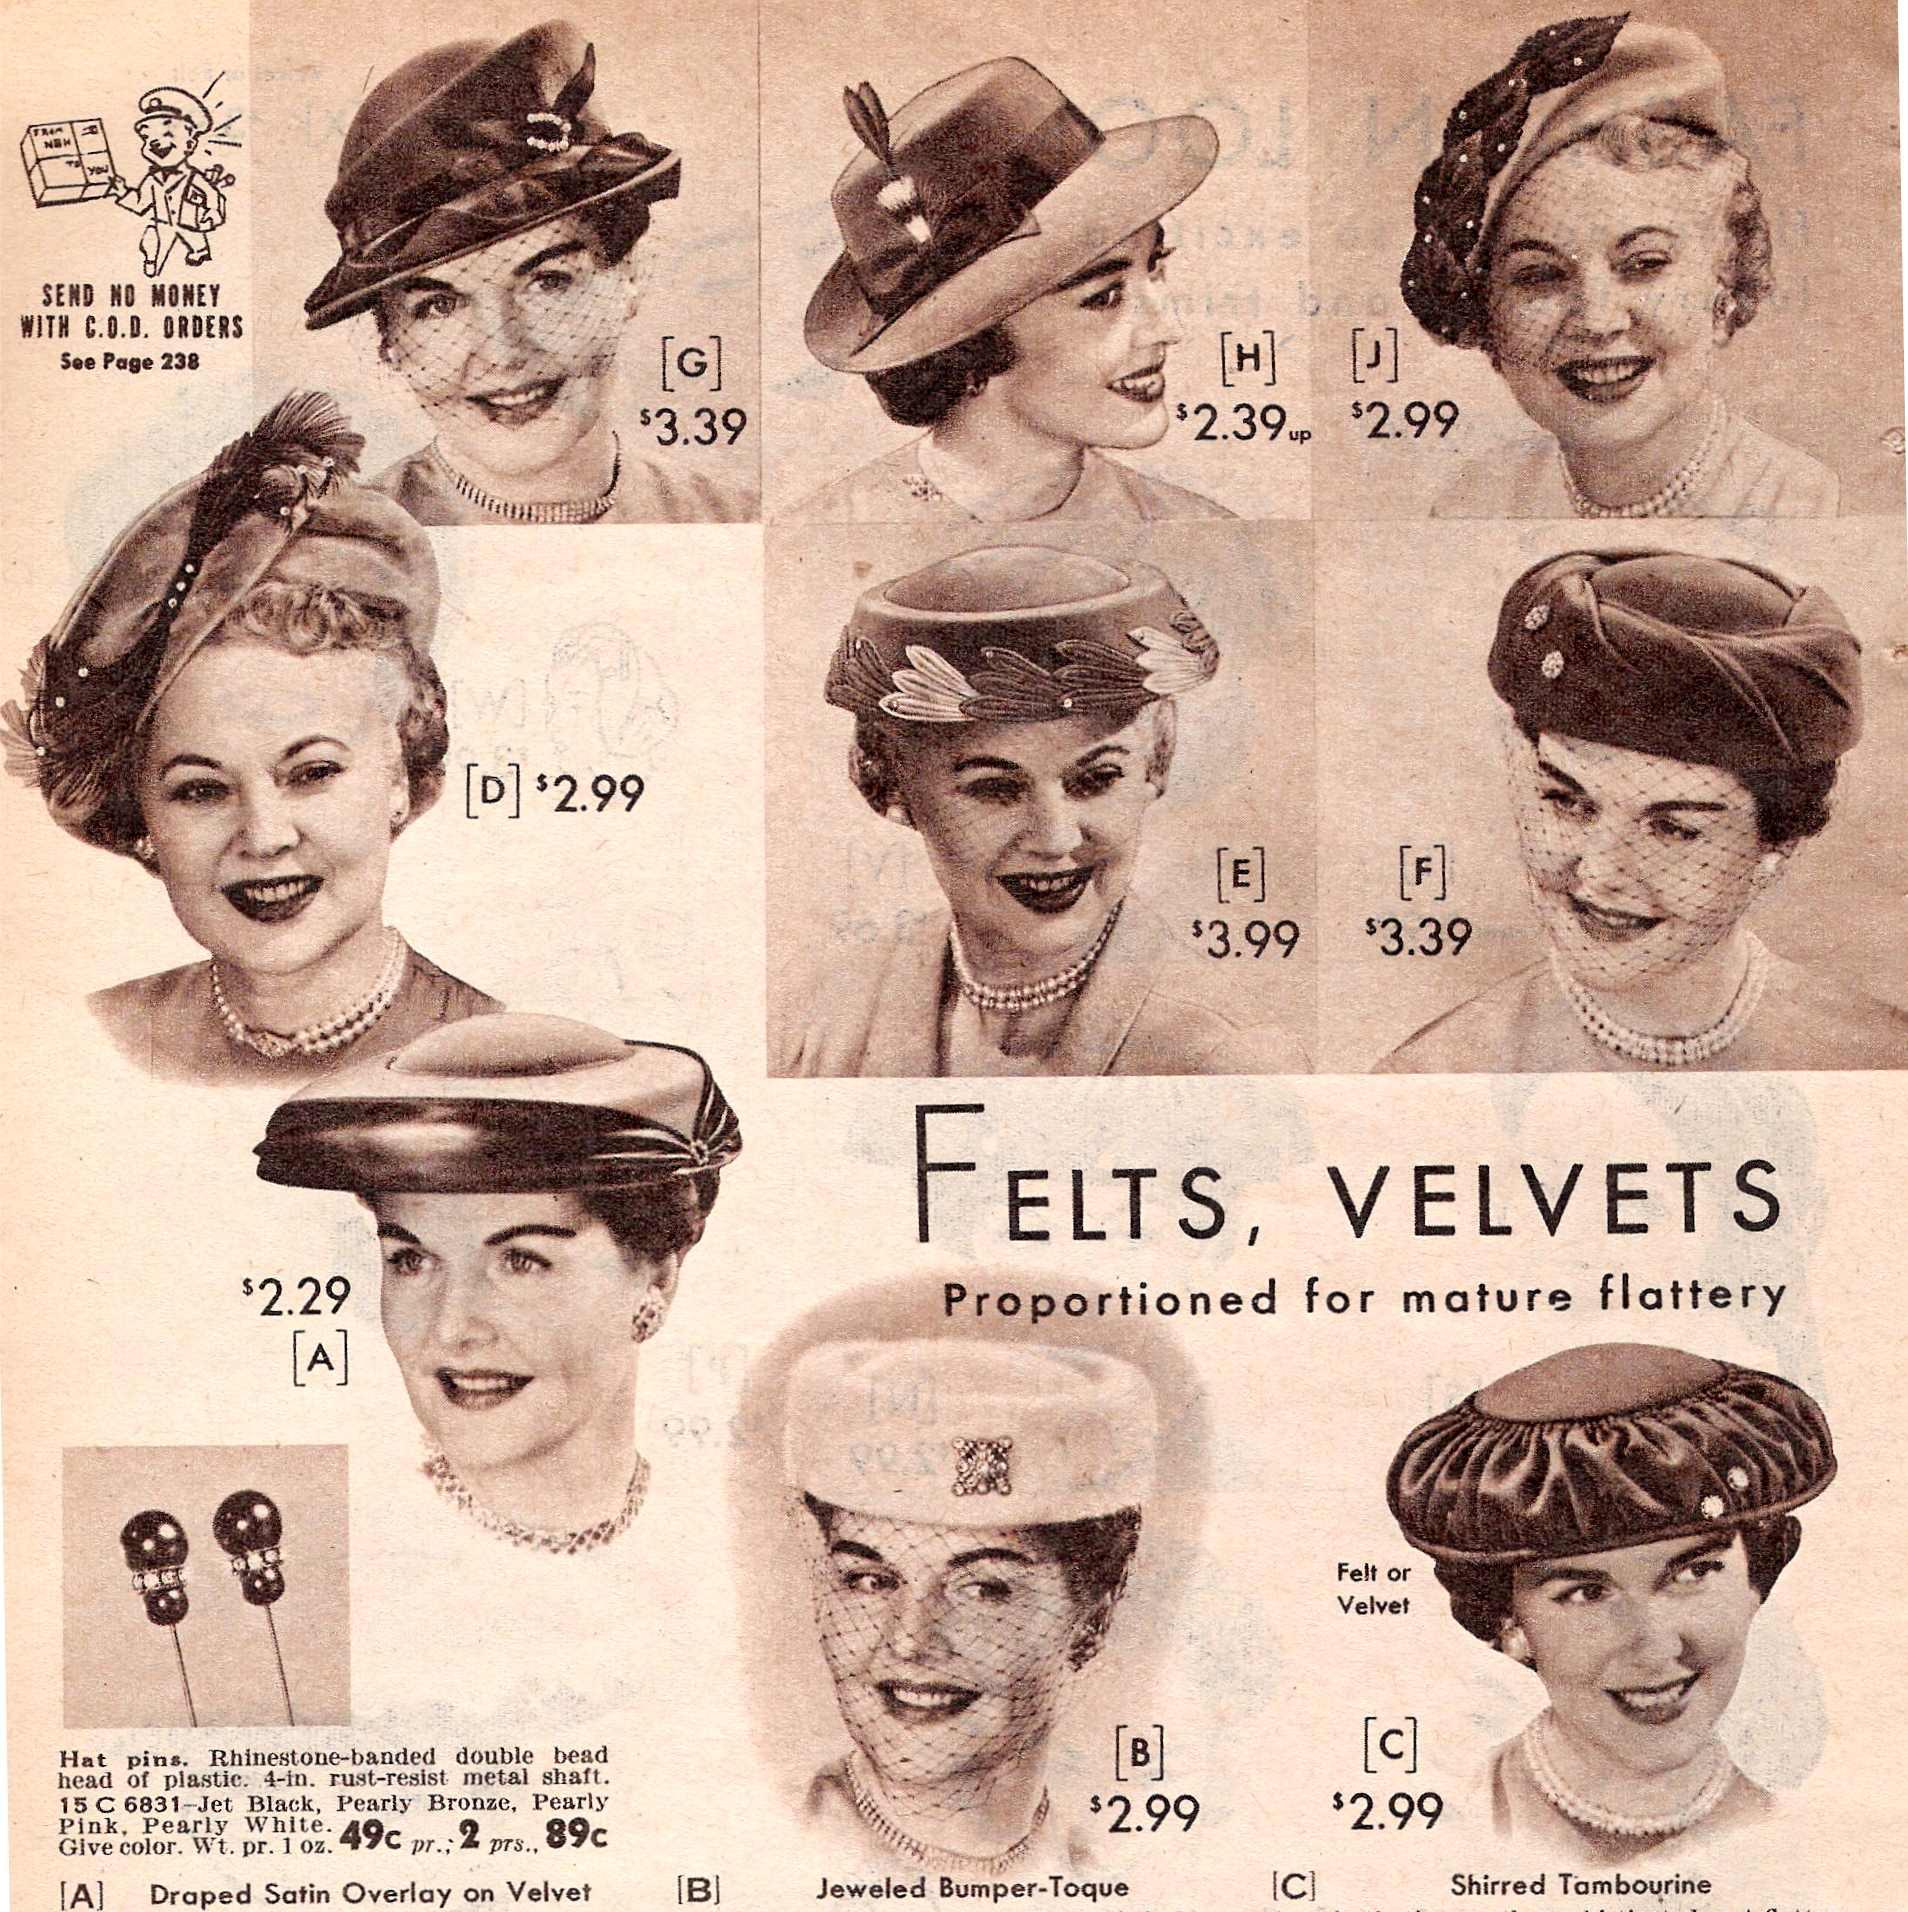 1950s Women's Hat Styles & History